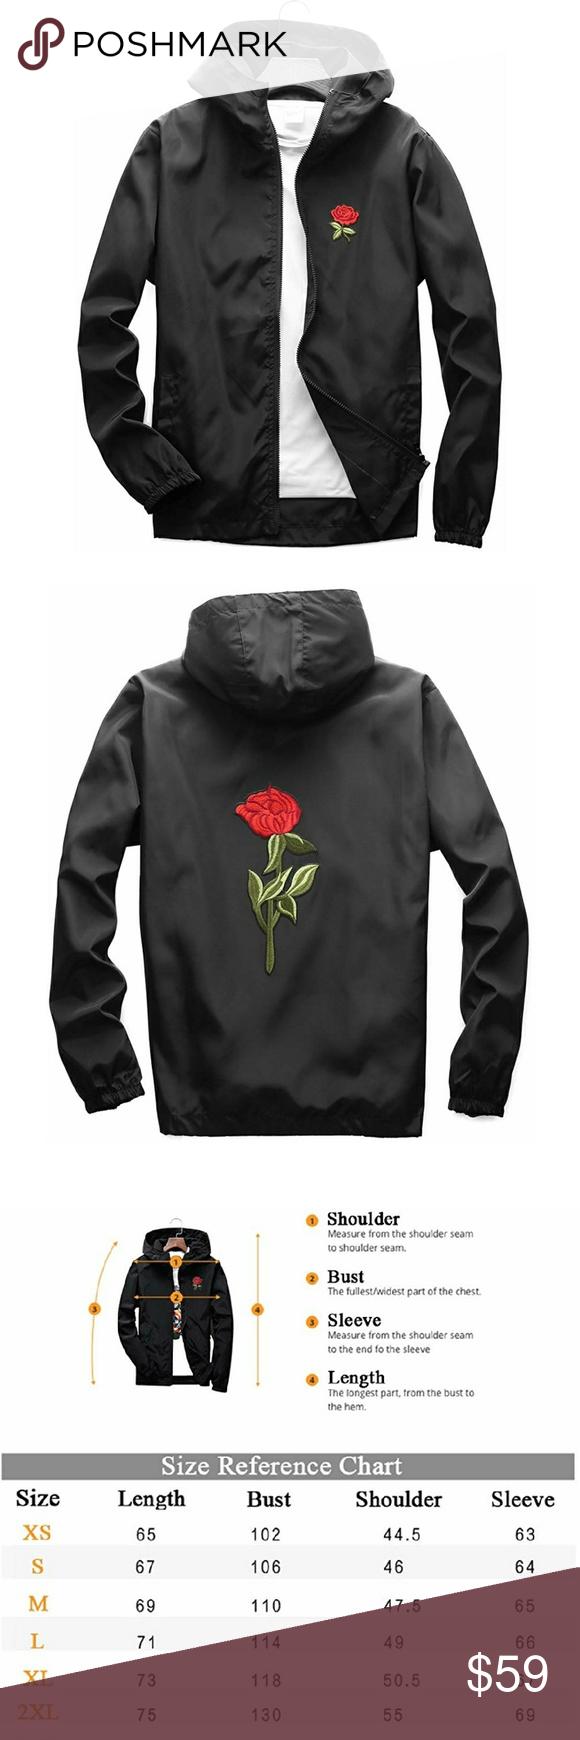 31a6bbb5f9 Rose Floral Windbreaker Rose Floral Jacket Windbreaker for Men Women  Waterproof Windproof College Jackets Jackets & Coats Windbreakers